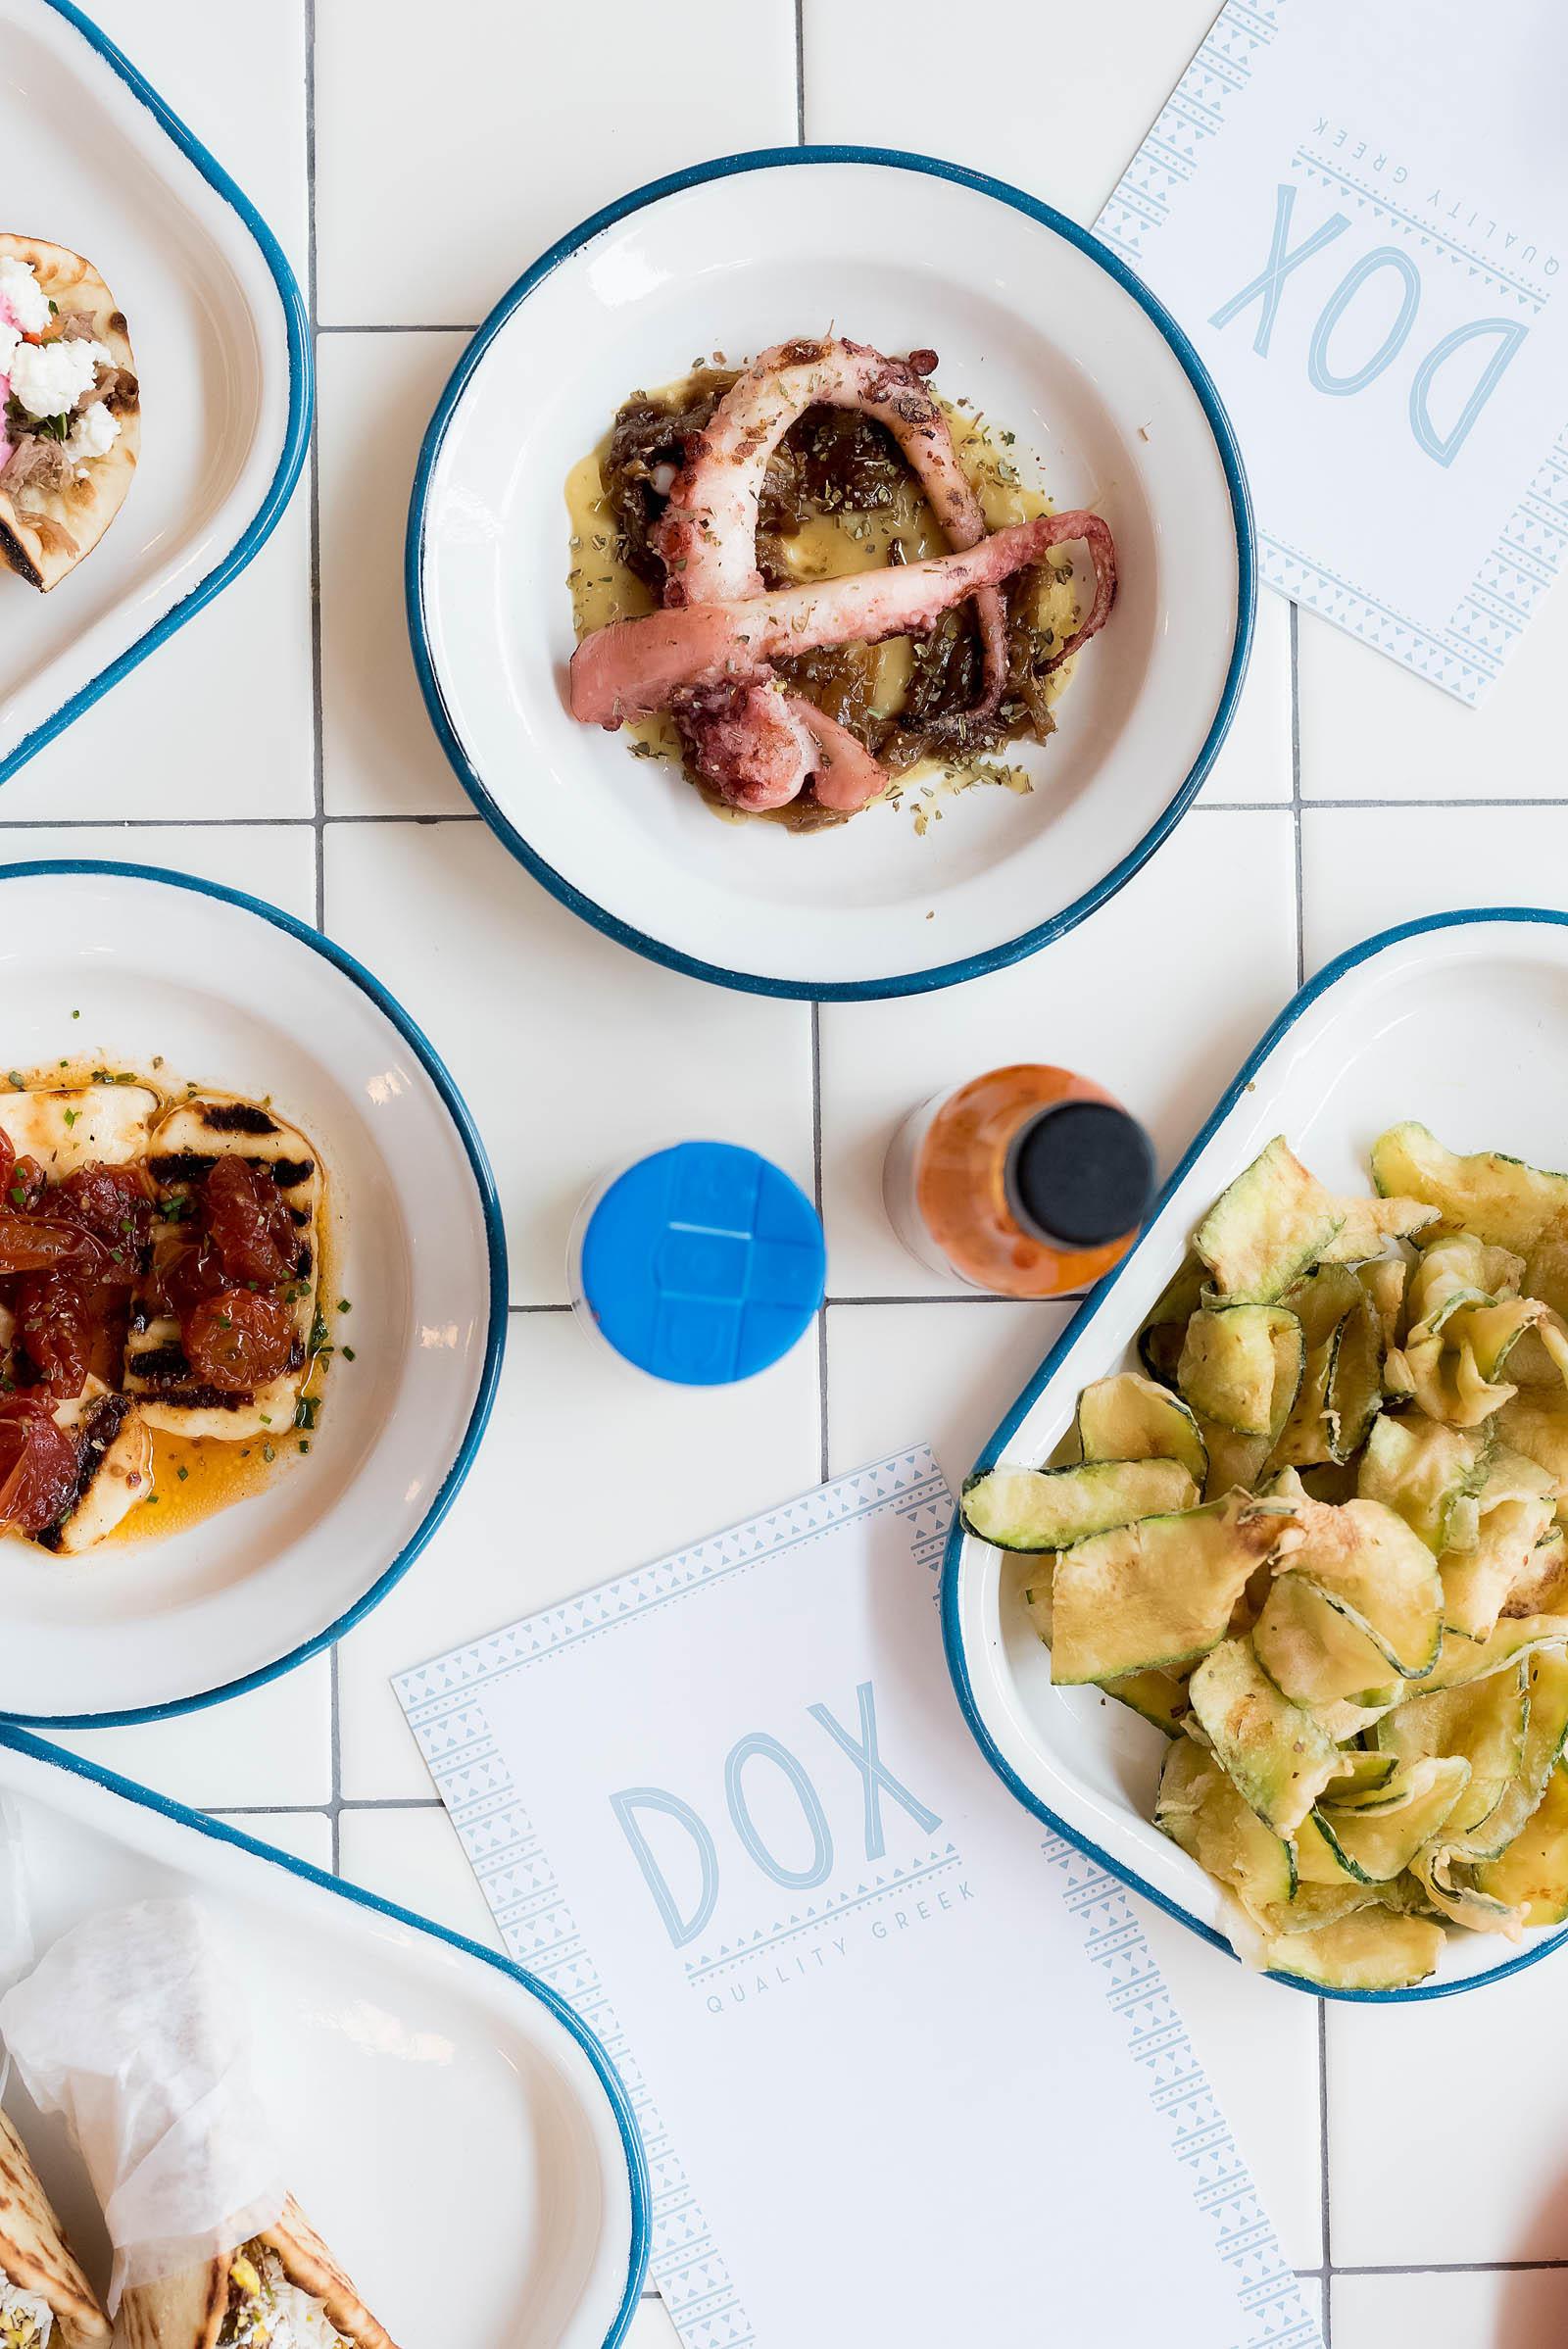 Dox Chicago Greek Restaurant Wicker Park